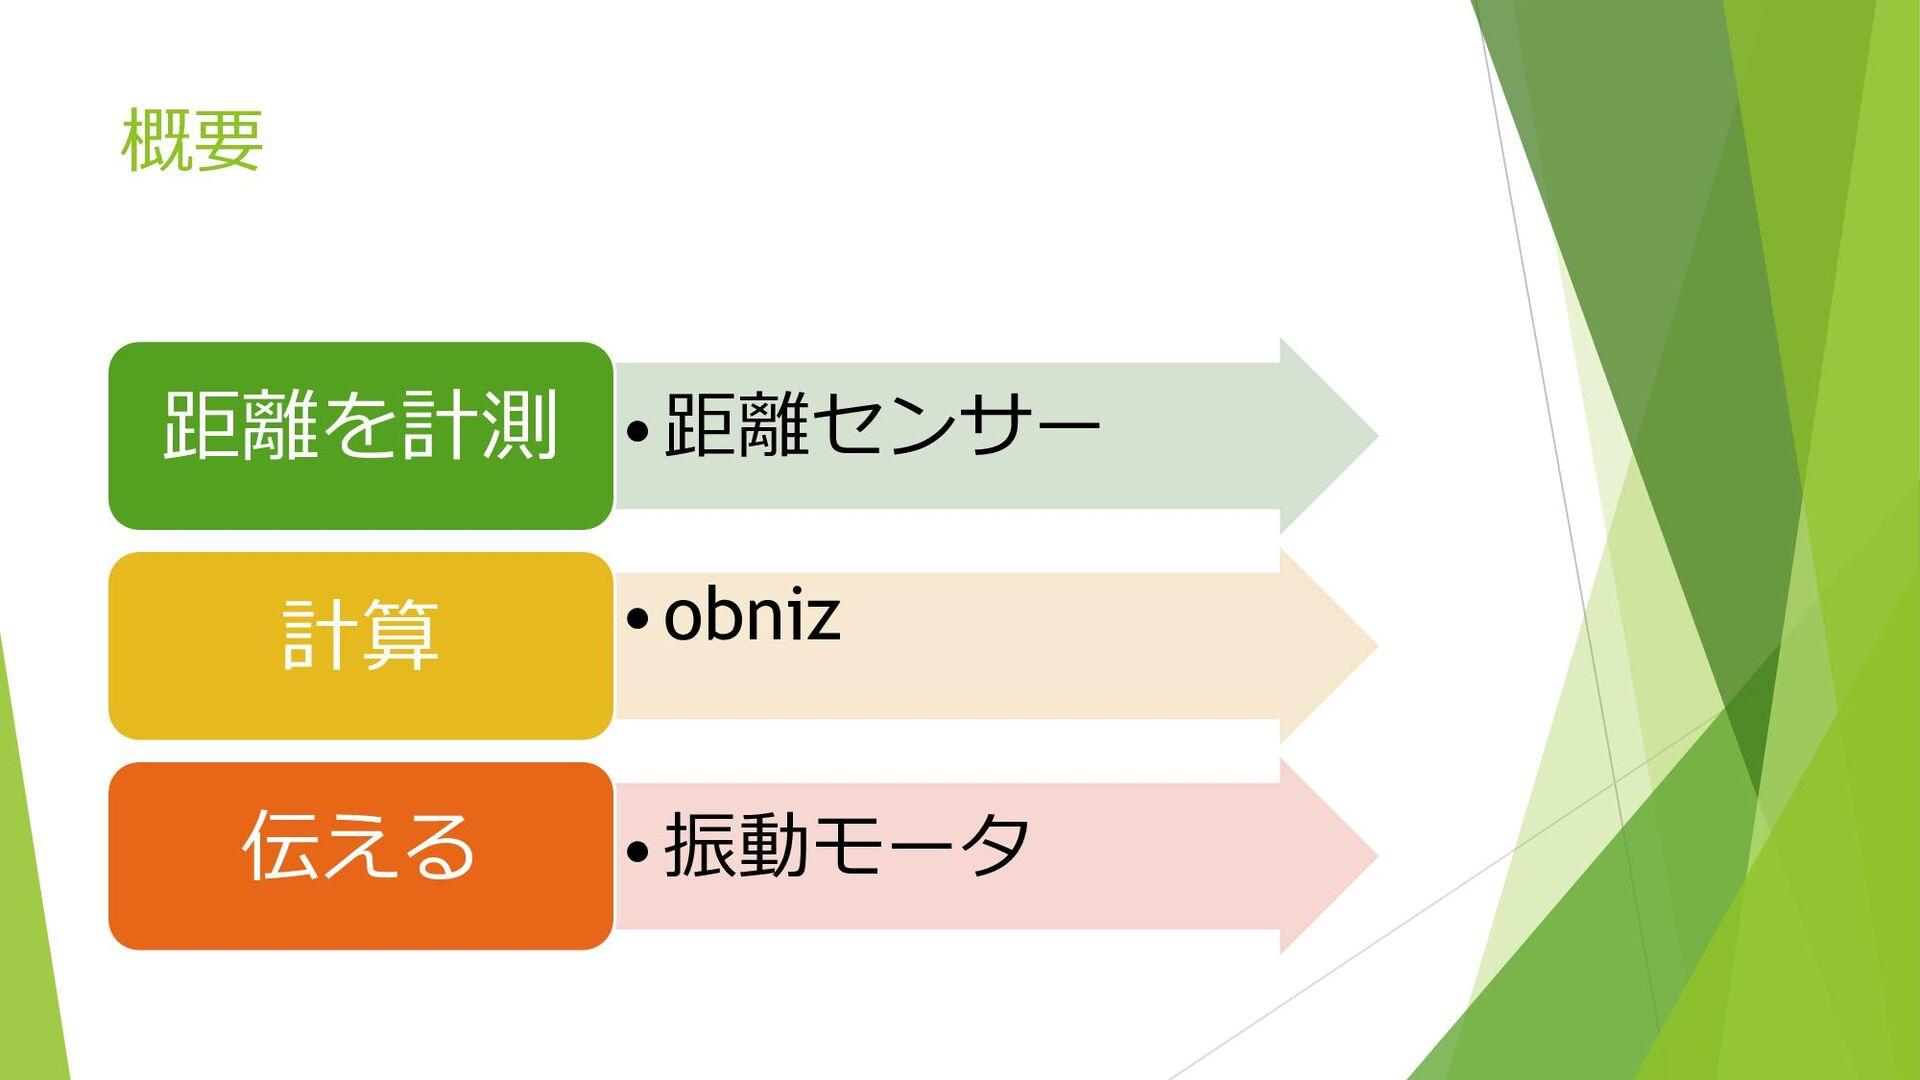 概要 •距離センサー 距離を計測 •obniz 計算 •振動モータ 伝える